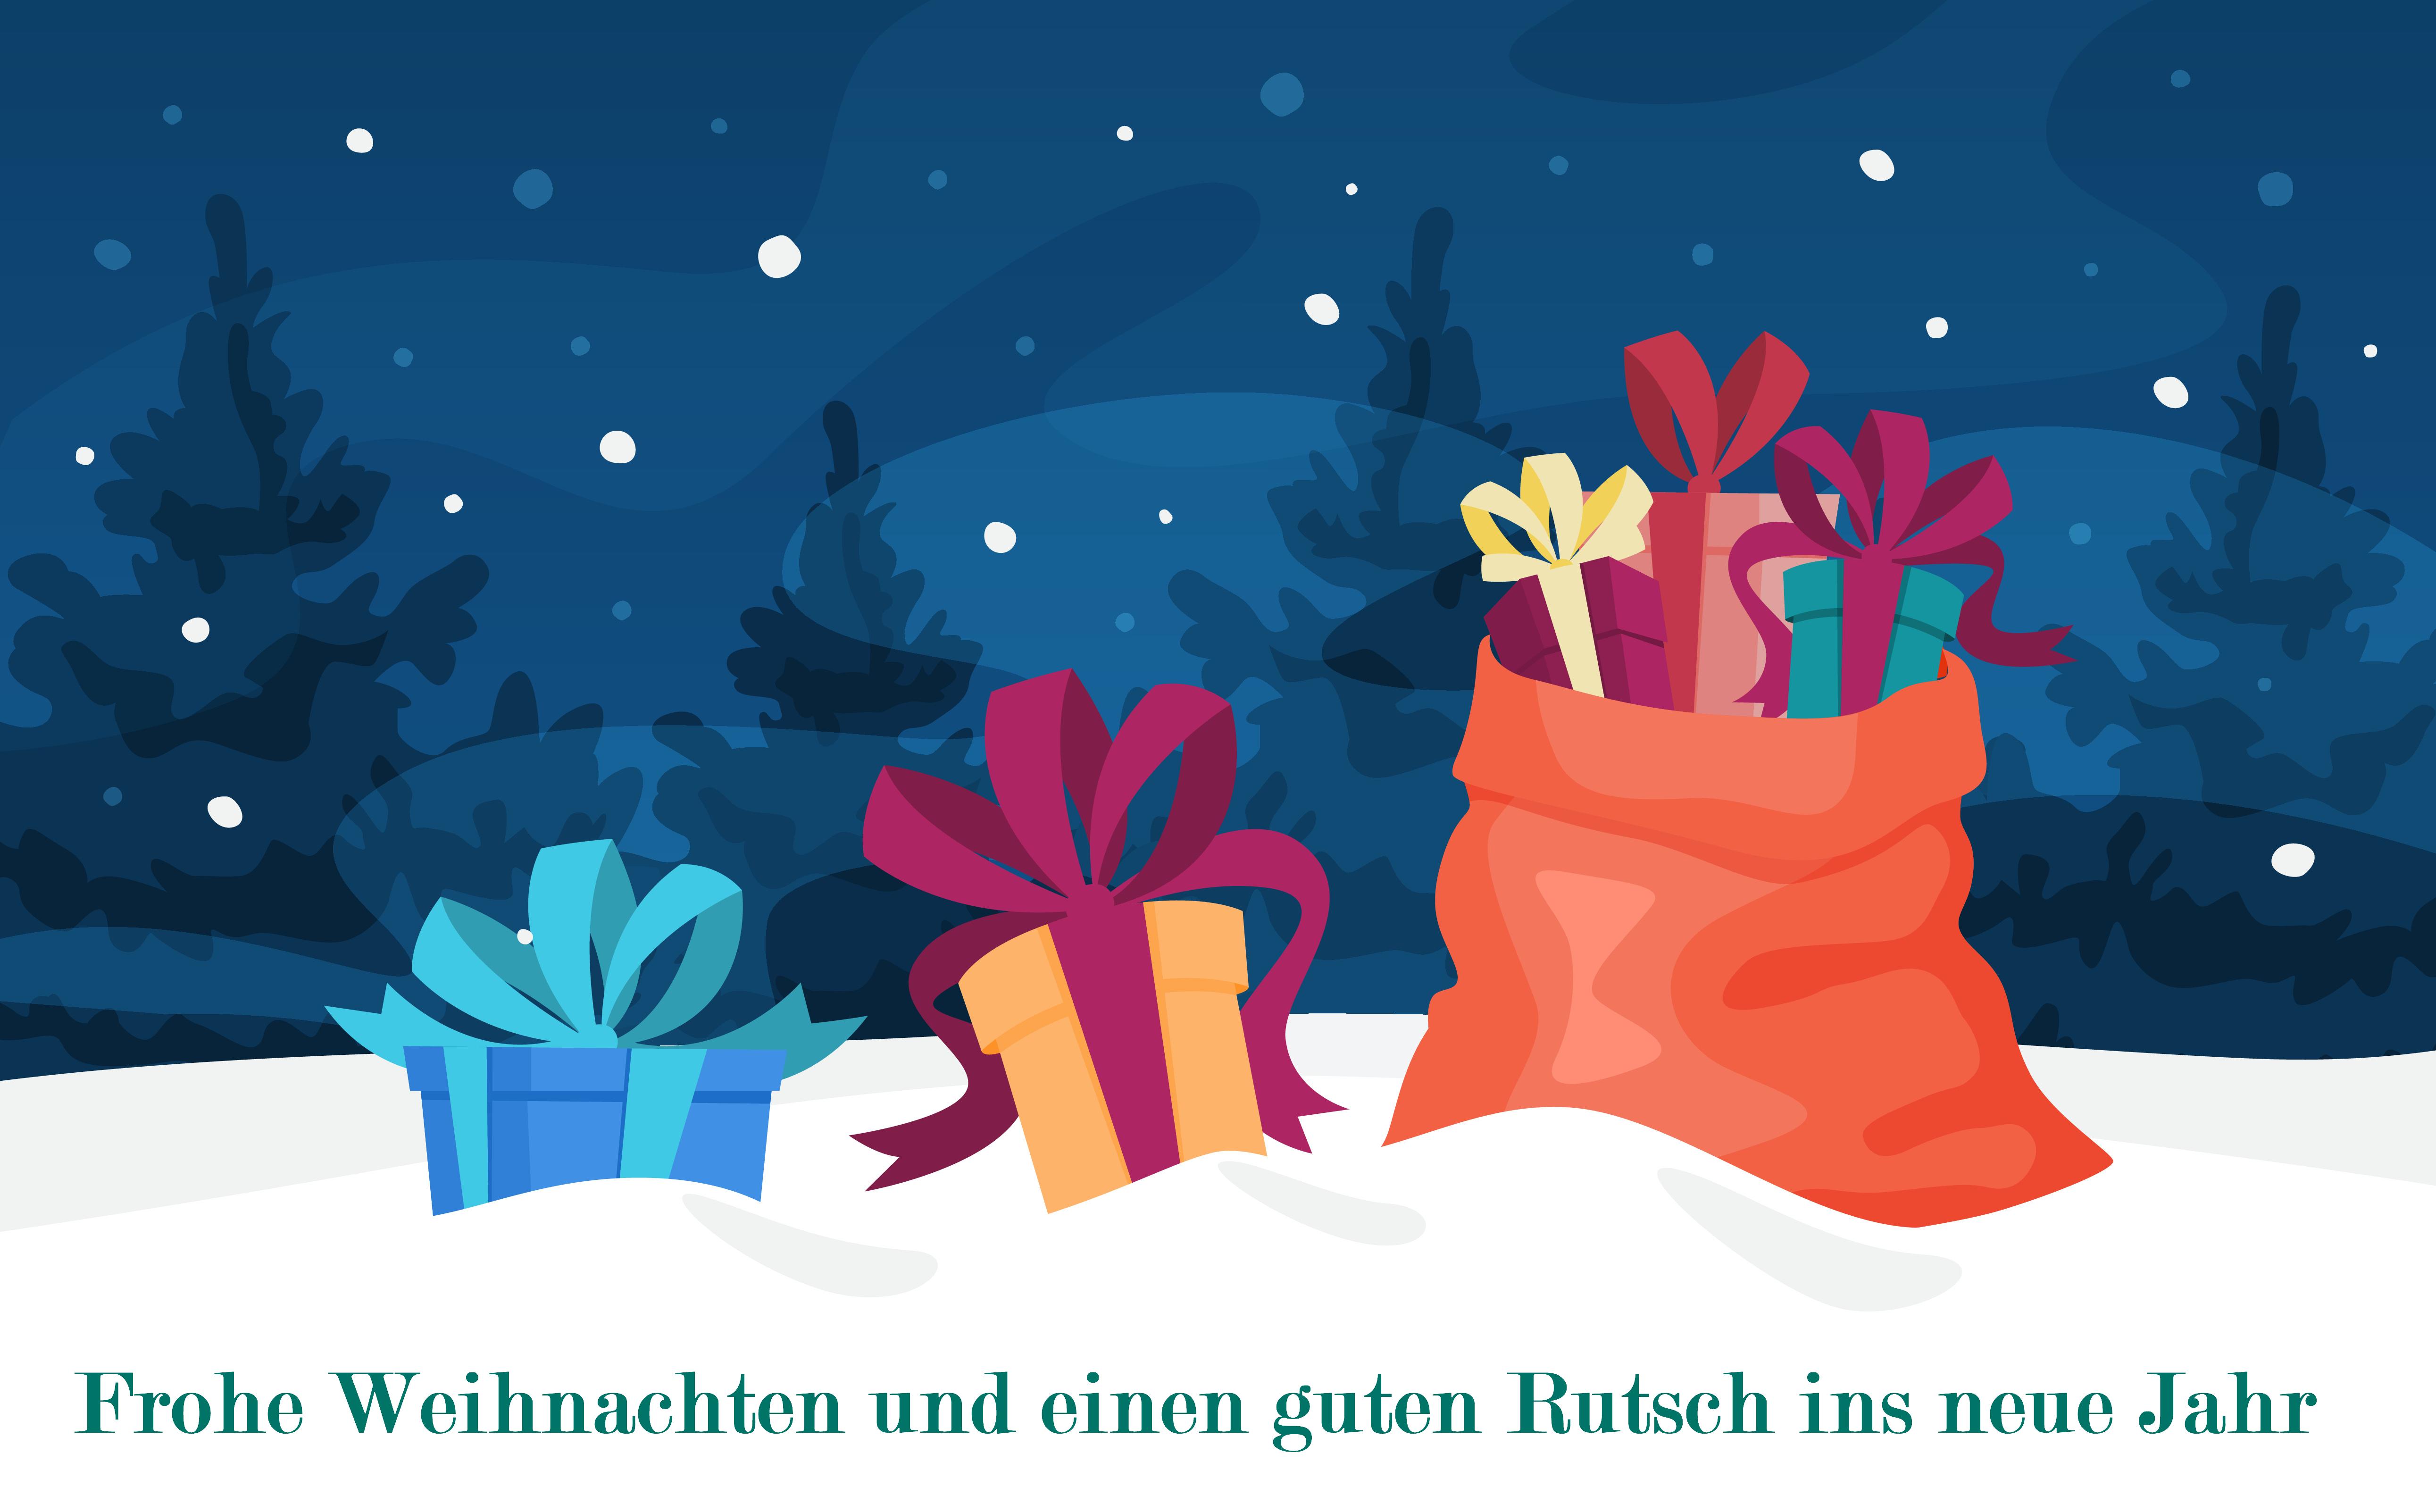 qualido wünscht frohe Weihnachten und einen guten Rutsch ins neue Jahr